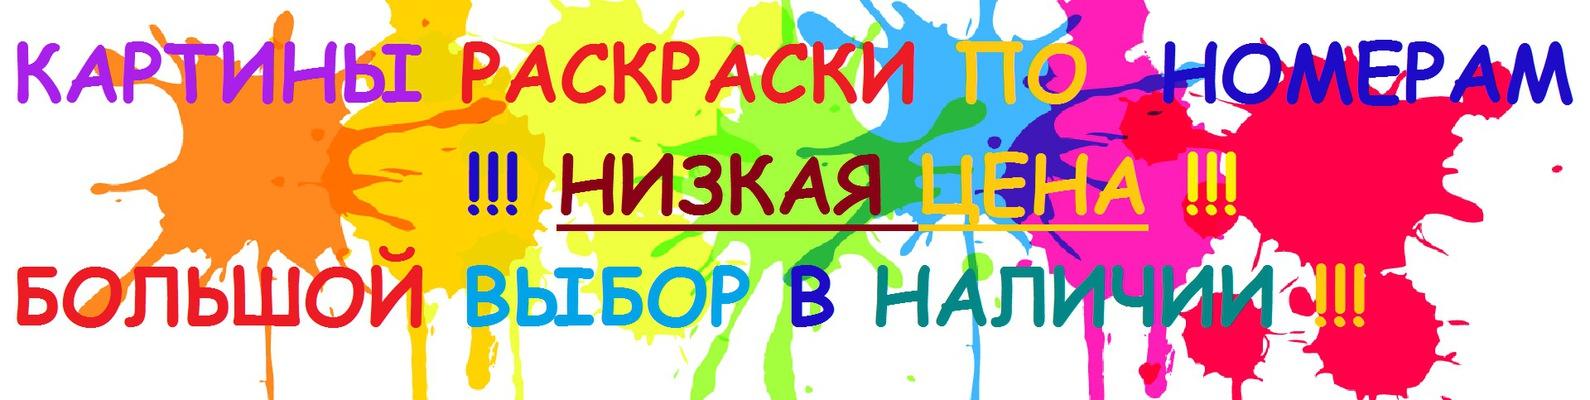 Картины раскраски по номерам СПб Санкт-Петербург | ВКонтакте